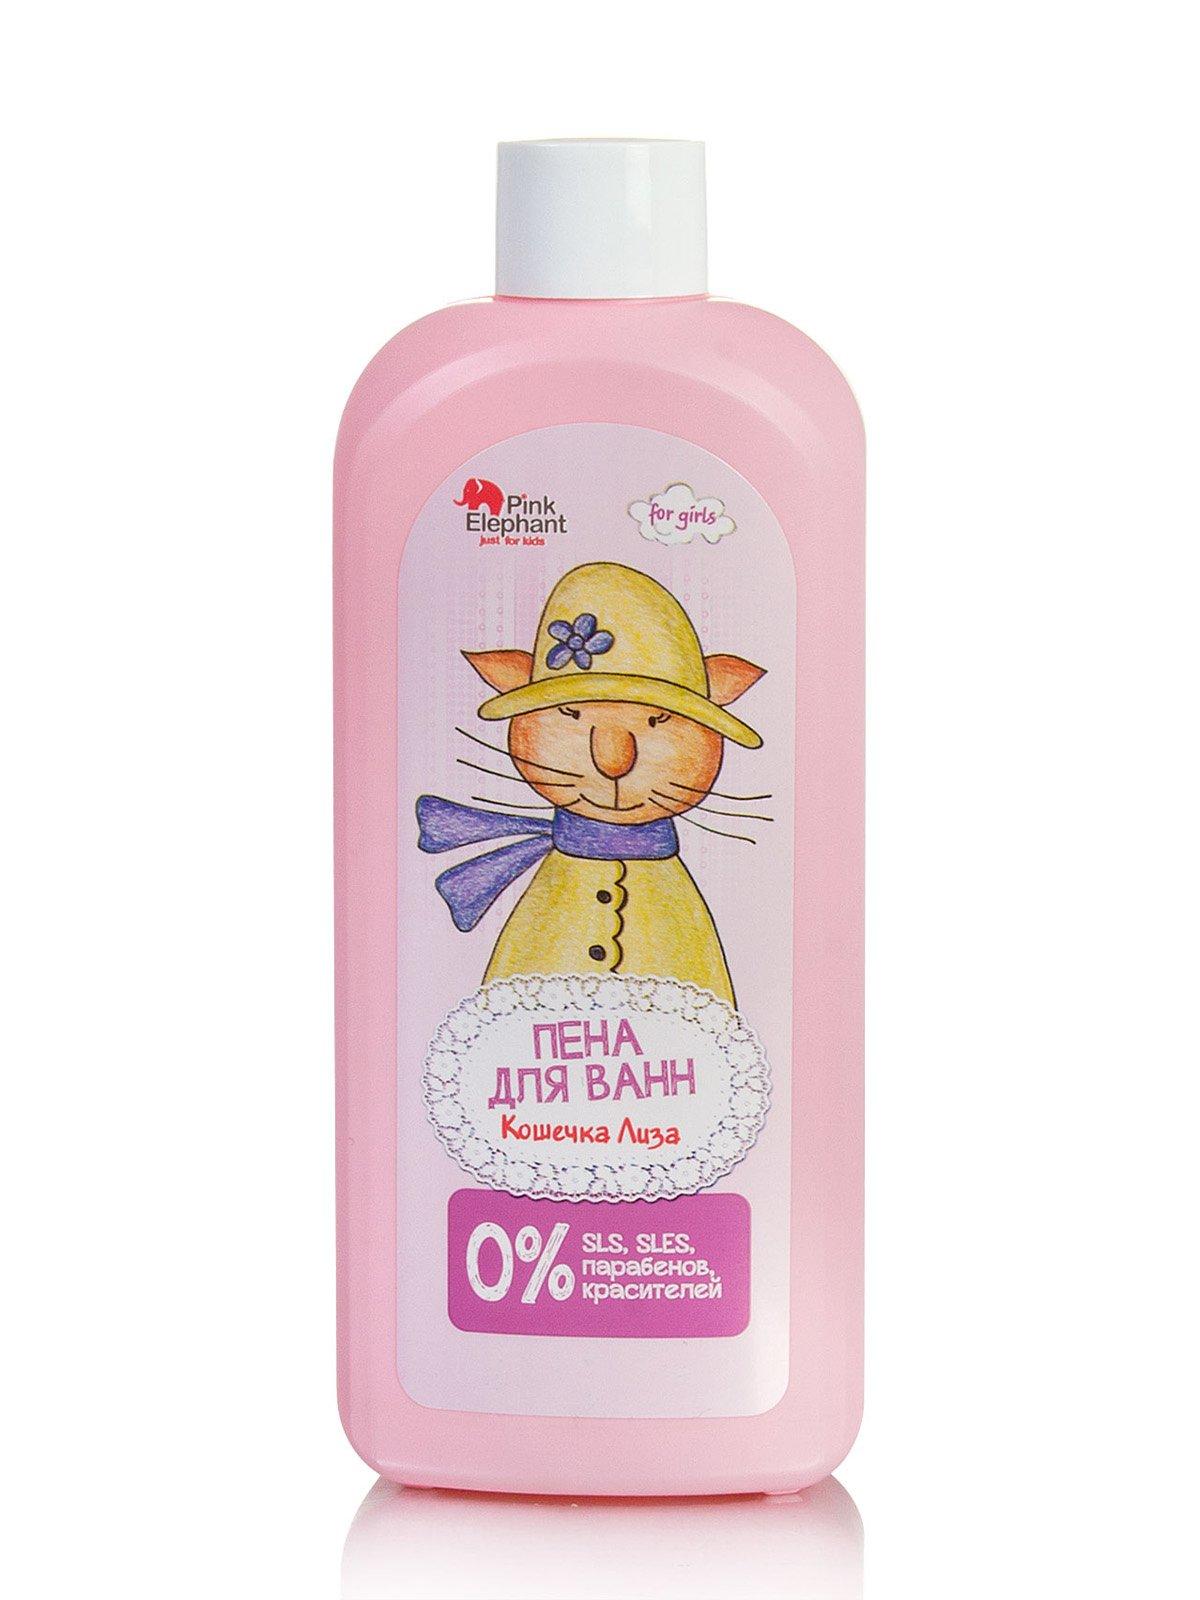 Піна для ванн «Кішечка Ліза» дитяча (500 мл) | 670116